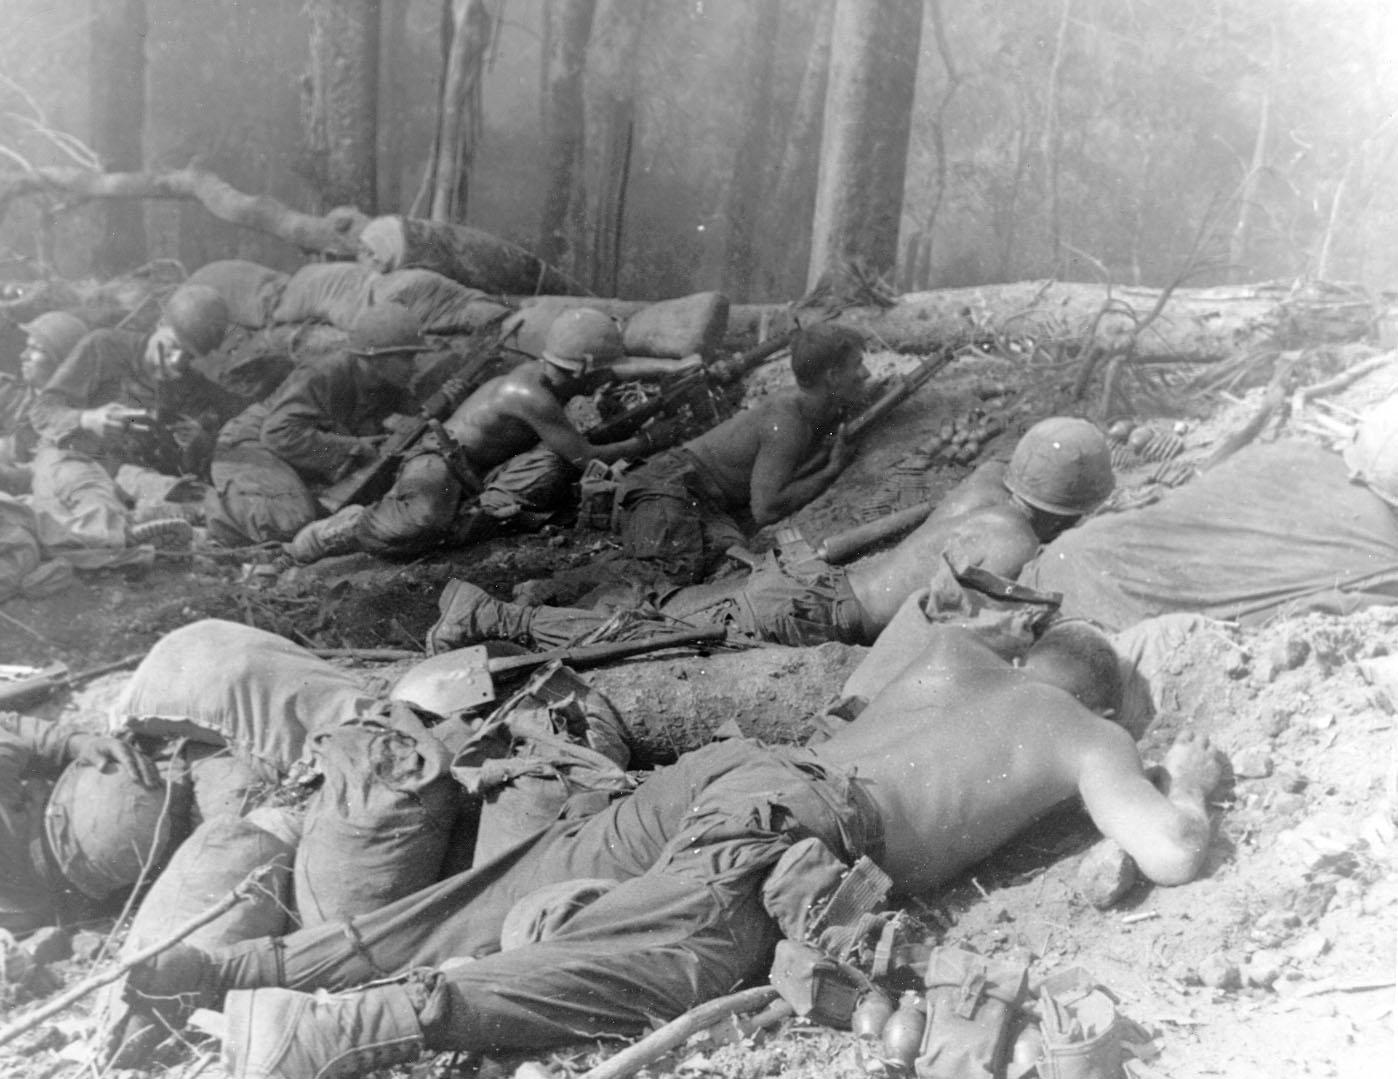 Znalezione obrazy dla zapytania Vietnam war photo